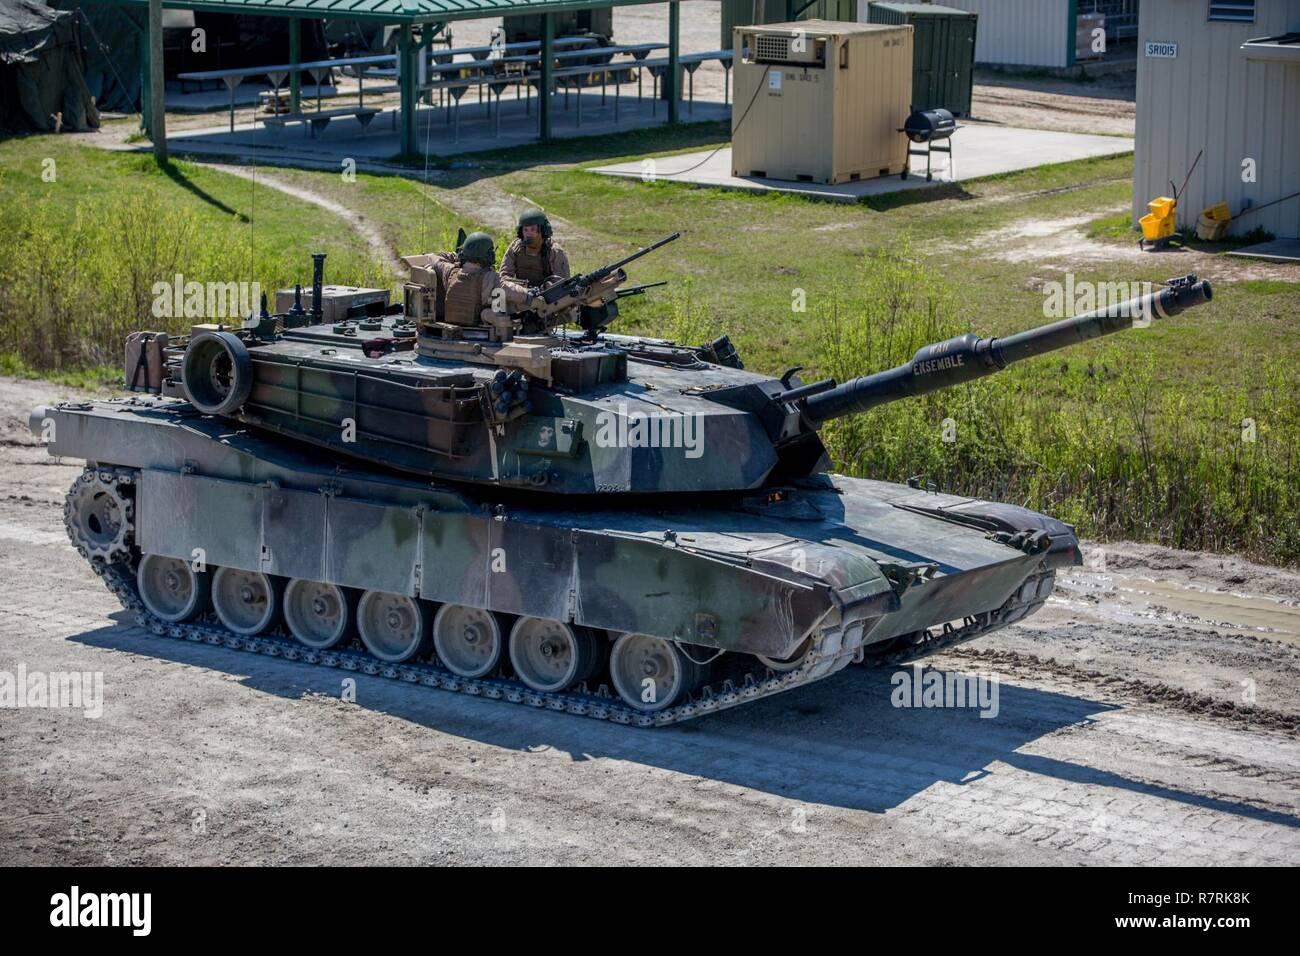 Major General John K. Liebe, Links, spricht mit SSgt William Spannader, rechts, auf einem M1A1 Abrams Panzer in Camp Lejeune, N.C., April 5, 2017. Liebe Zeit für die Interaktion mit den Marines von Bravo Co., 2. Tank Bataillon beim Steuern eines Tanks und seiner verschiedenen Waffensystemen. Liebe ist der kommandierende General des 2nd Marine Division und Sehnen ist ein Tank crewman mit 2. Tank Bn. Stockfoto